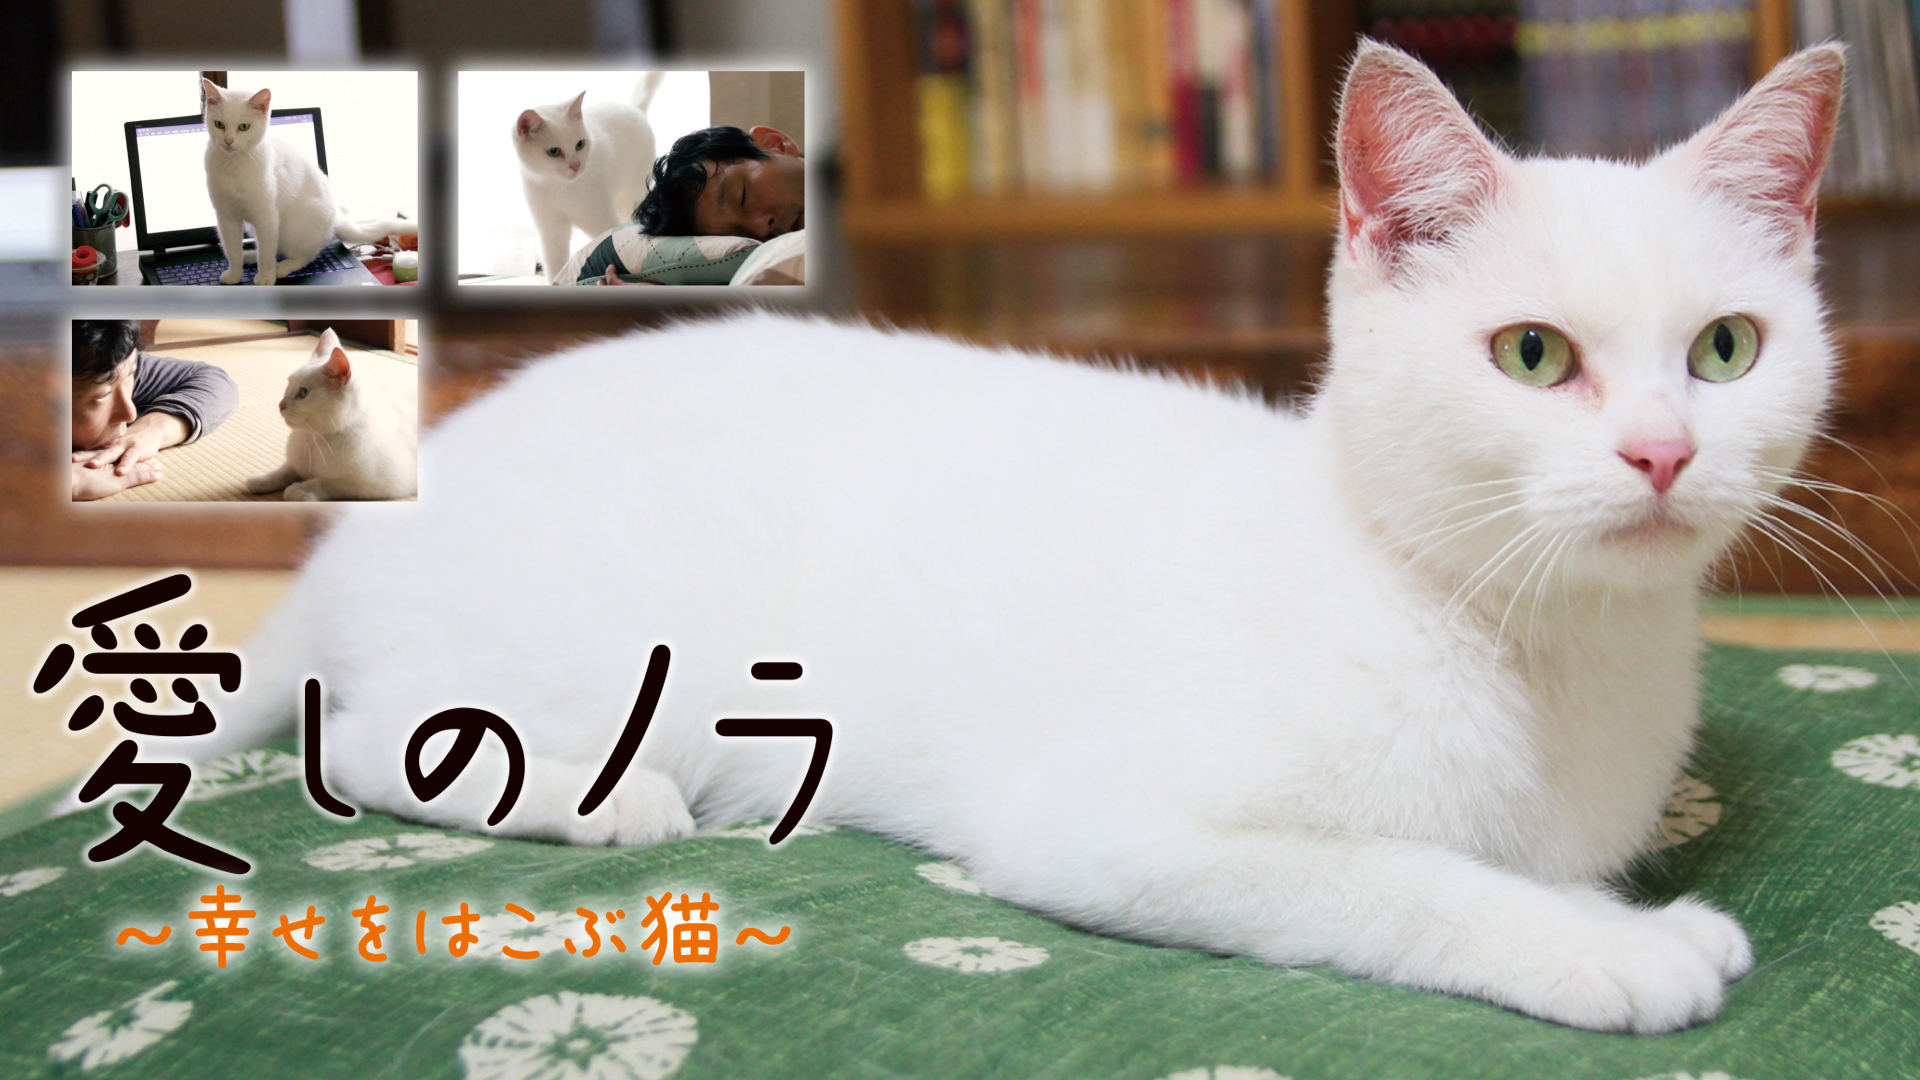 愛しのノラ 幸せをはこぶ猫